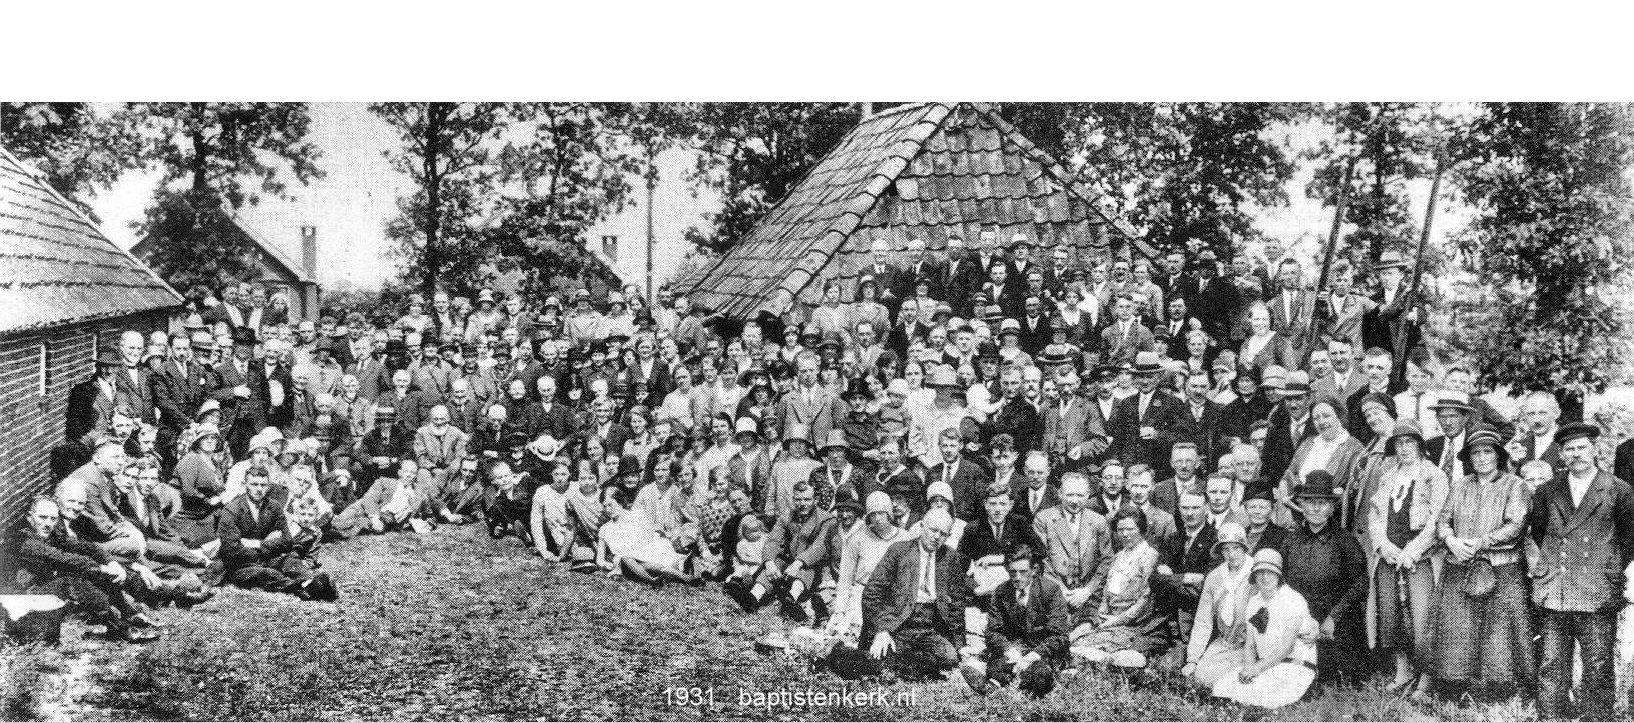 De Geschiedenis van de Baptisten in Nederland